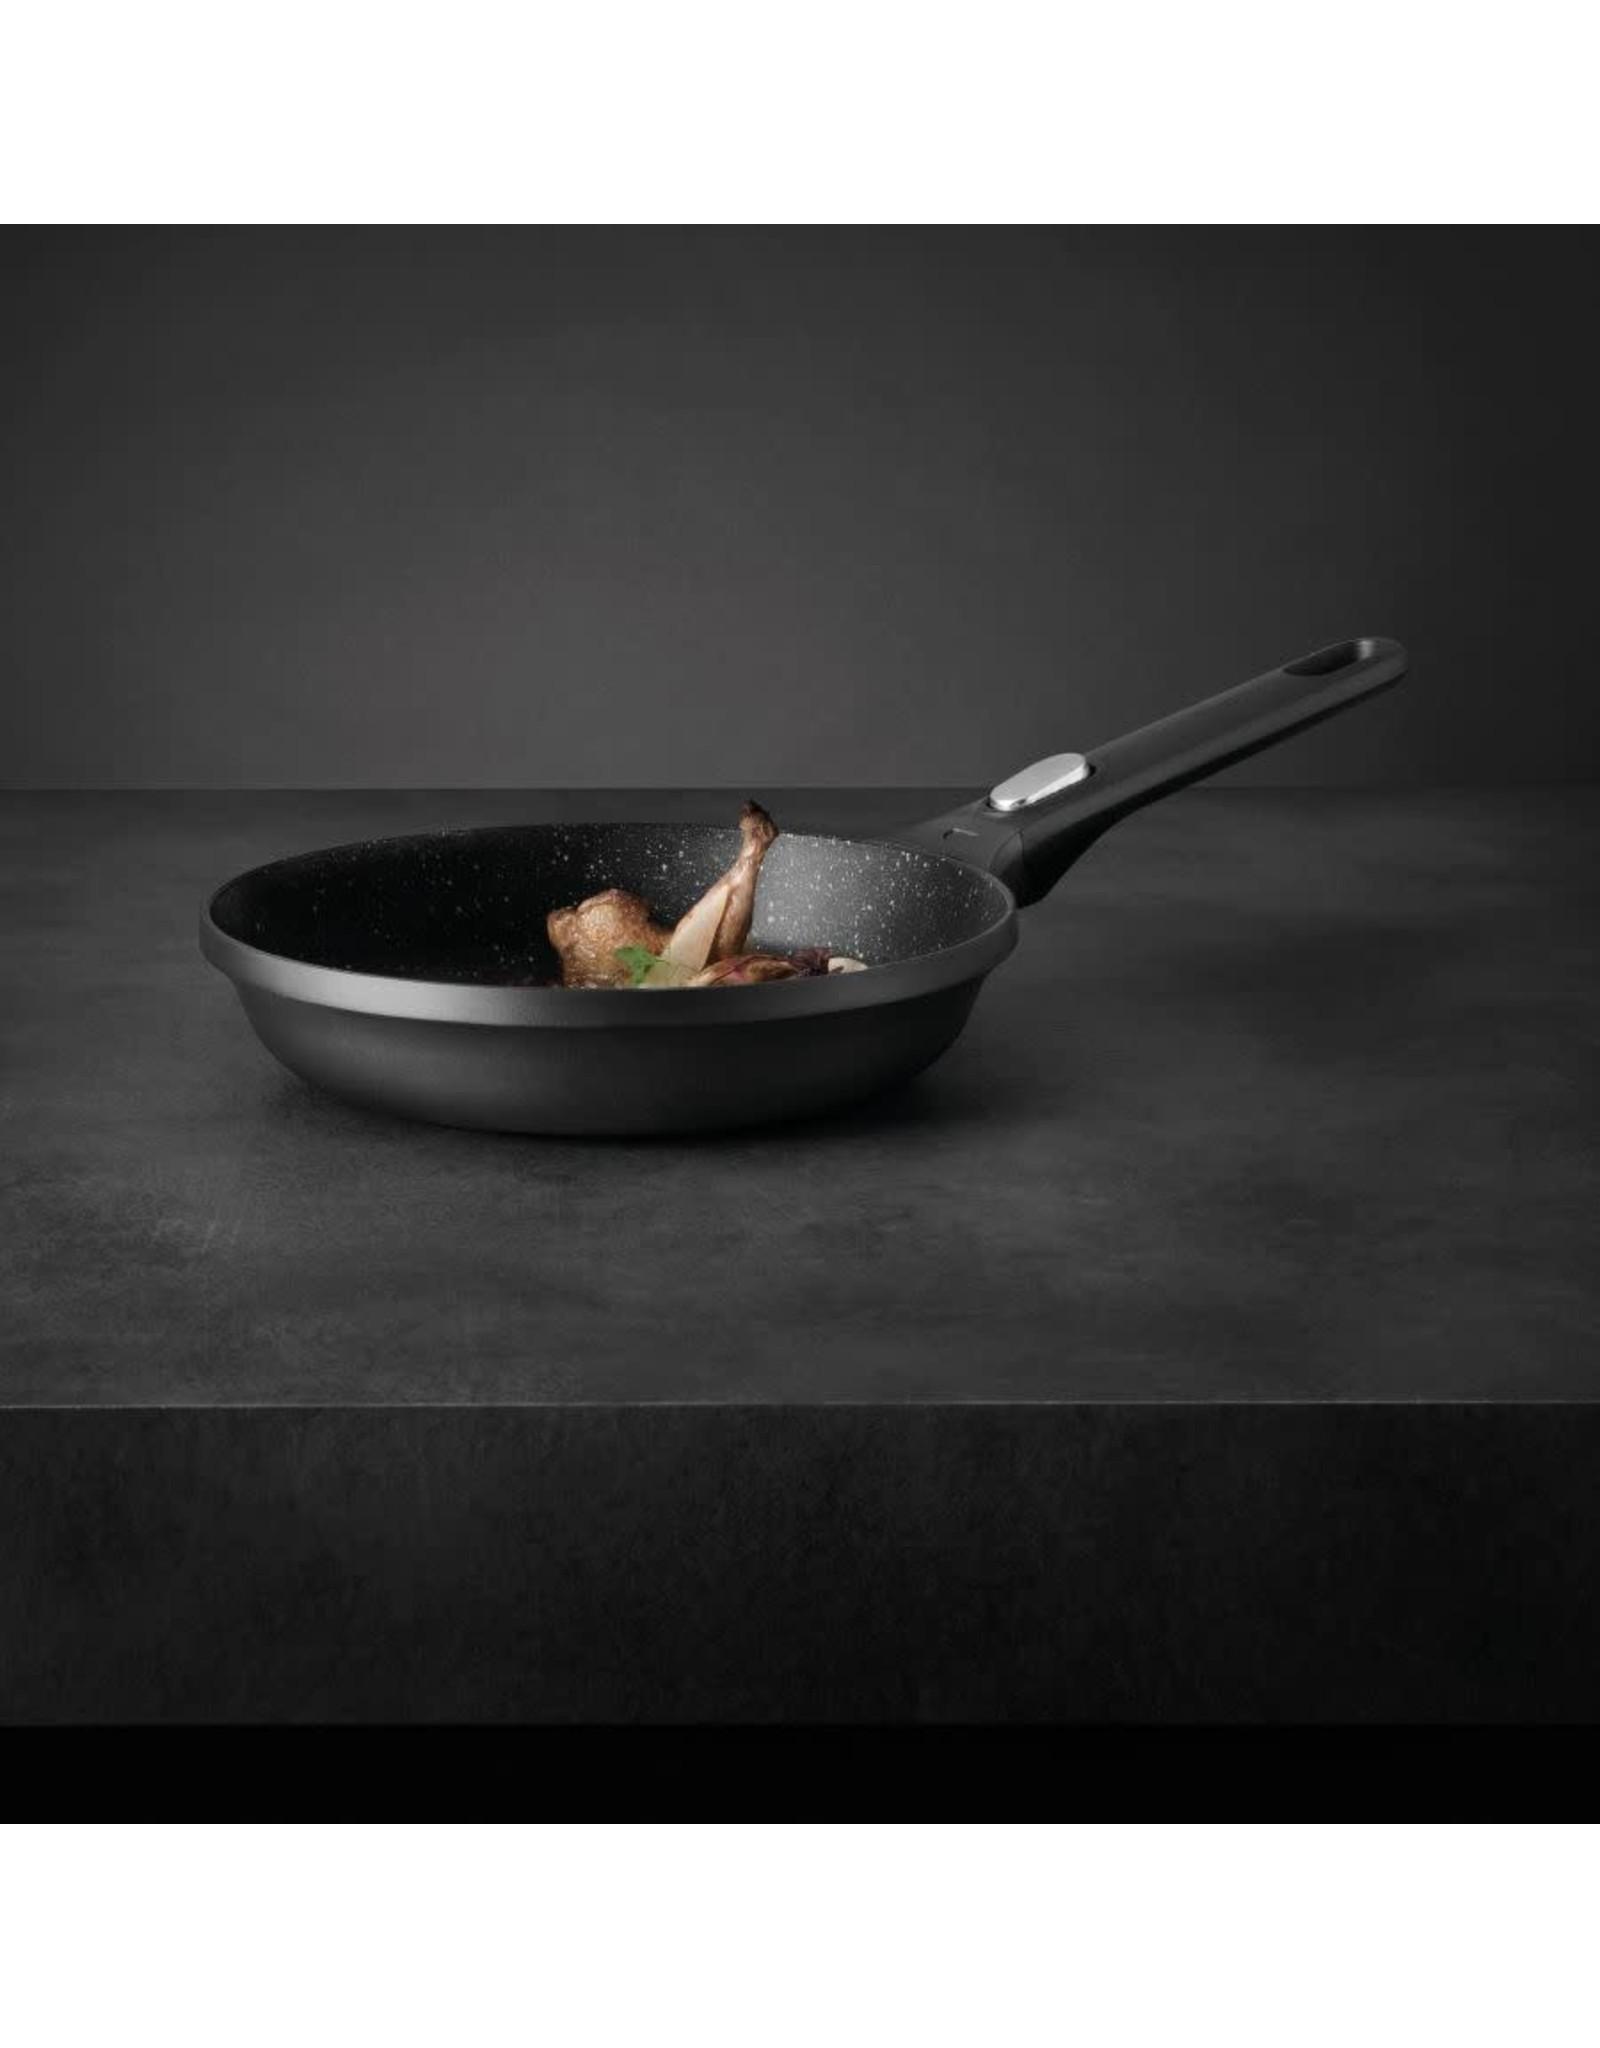 BergHoff. Gem Line koekenpan 24cm met afneembare greep